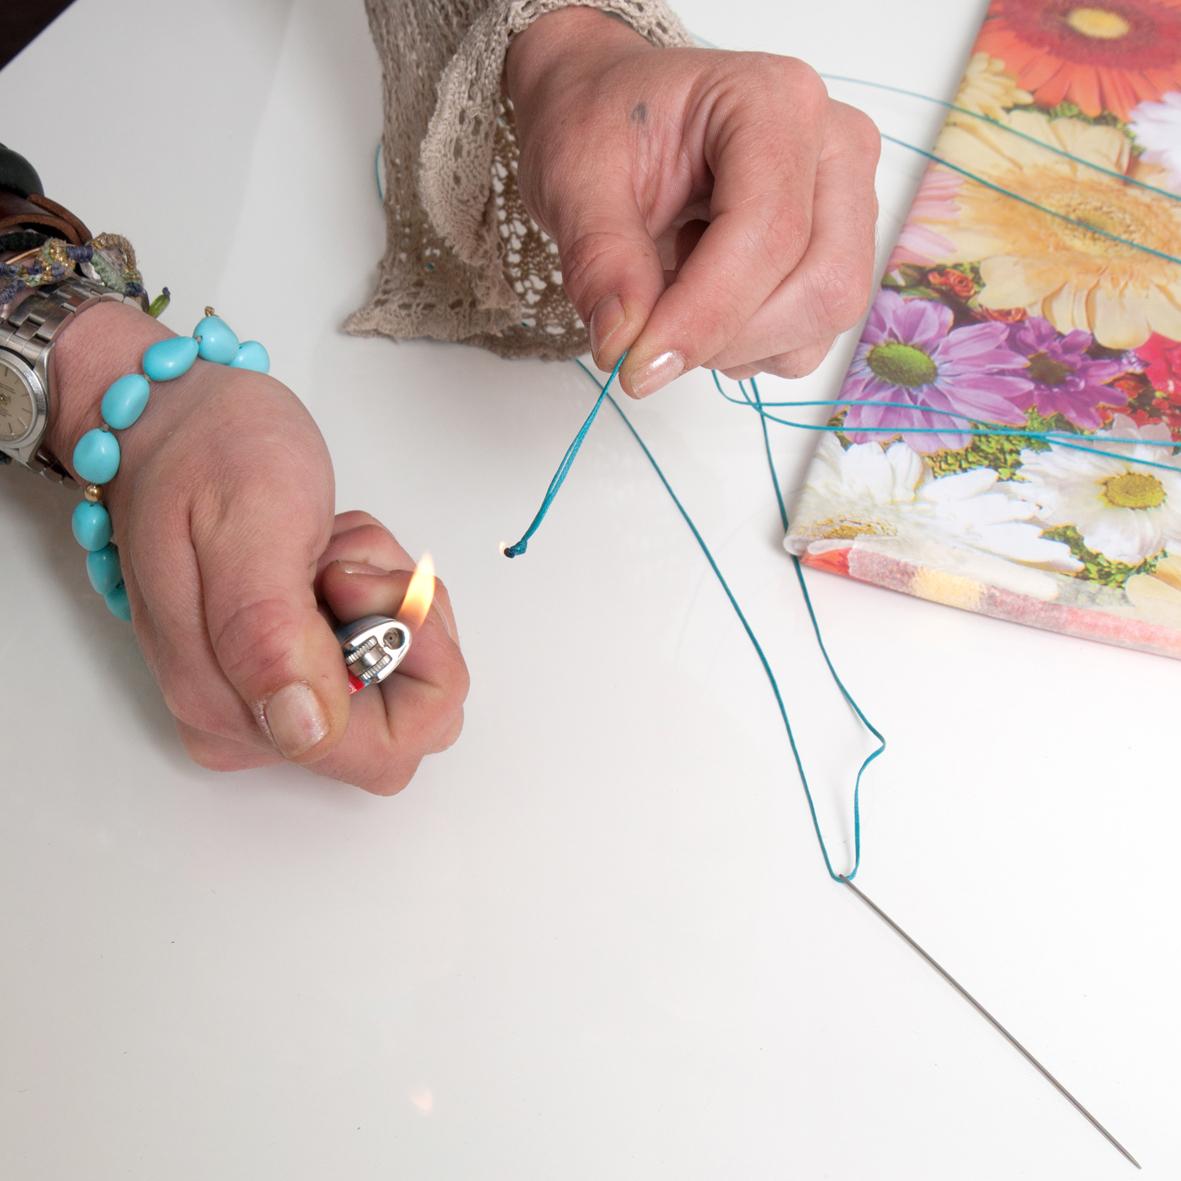 9 | Ετοίμασε το σπάγγο για το ράψιμο